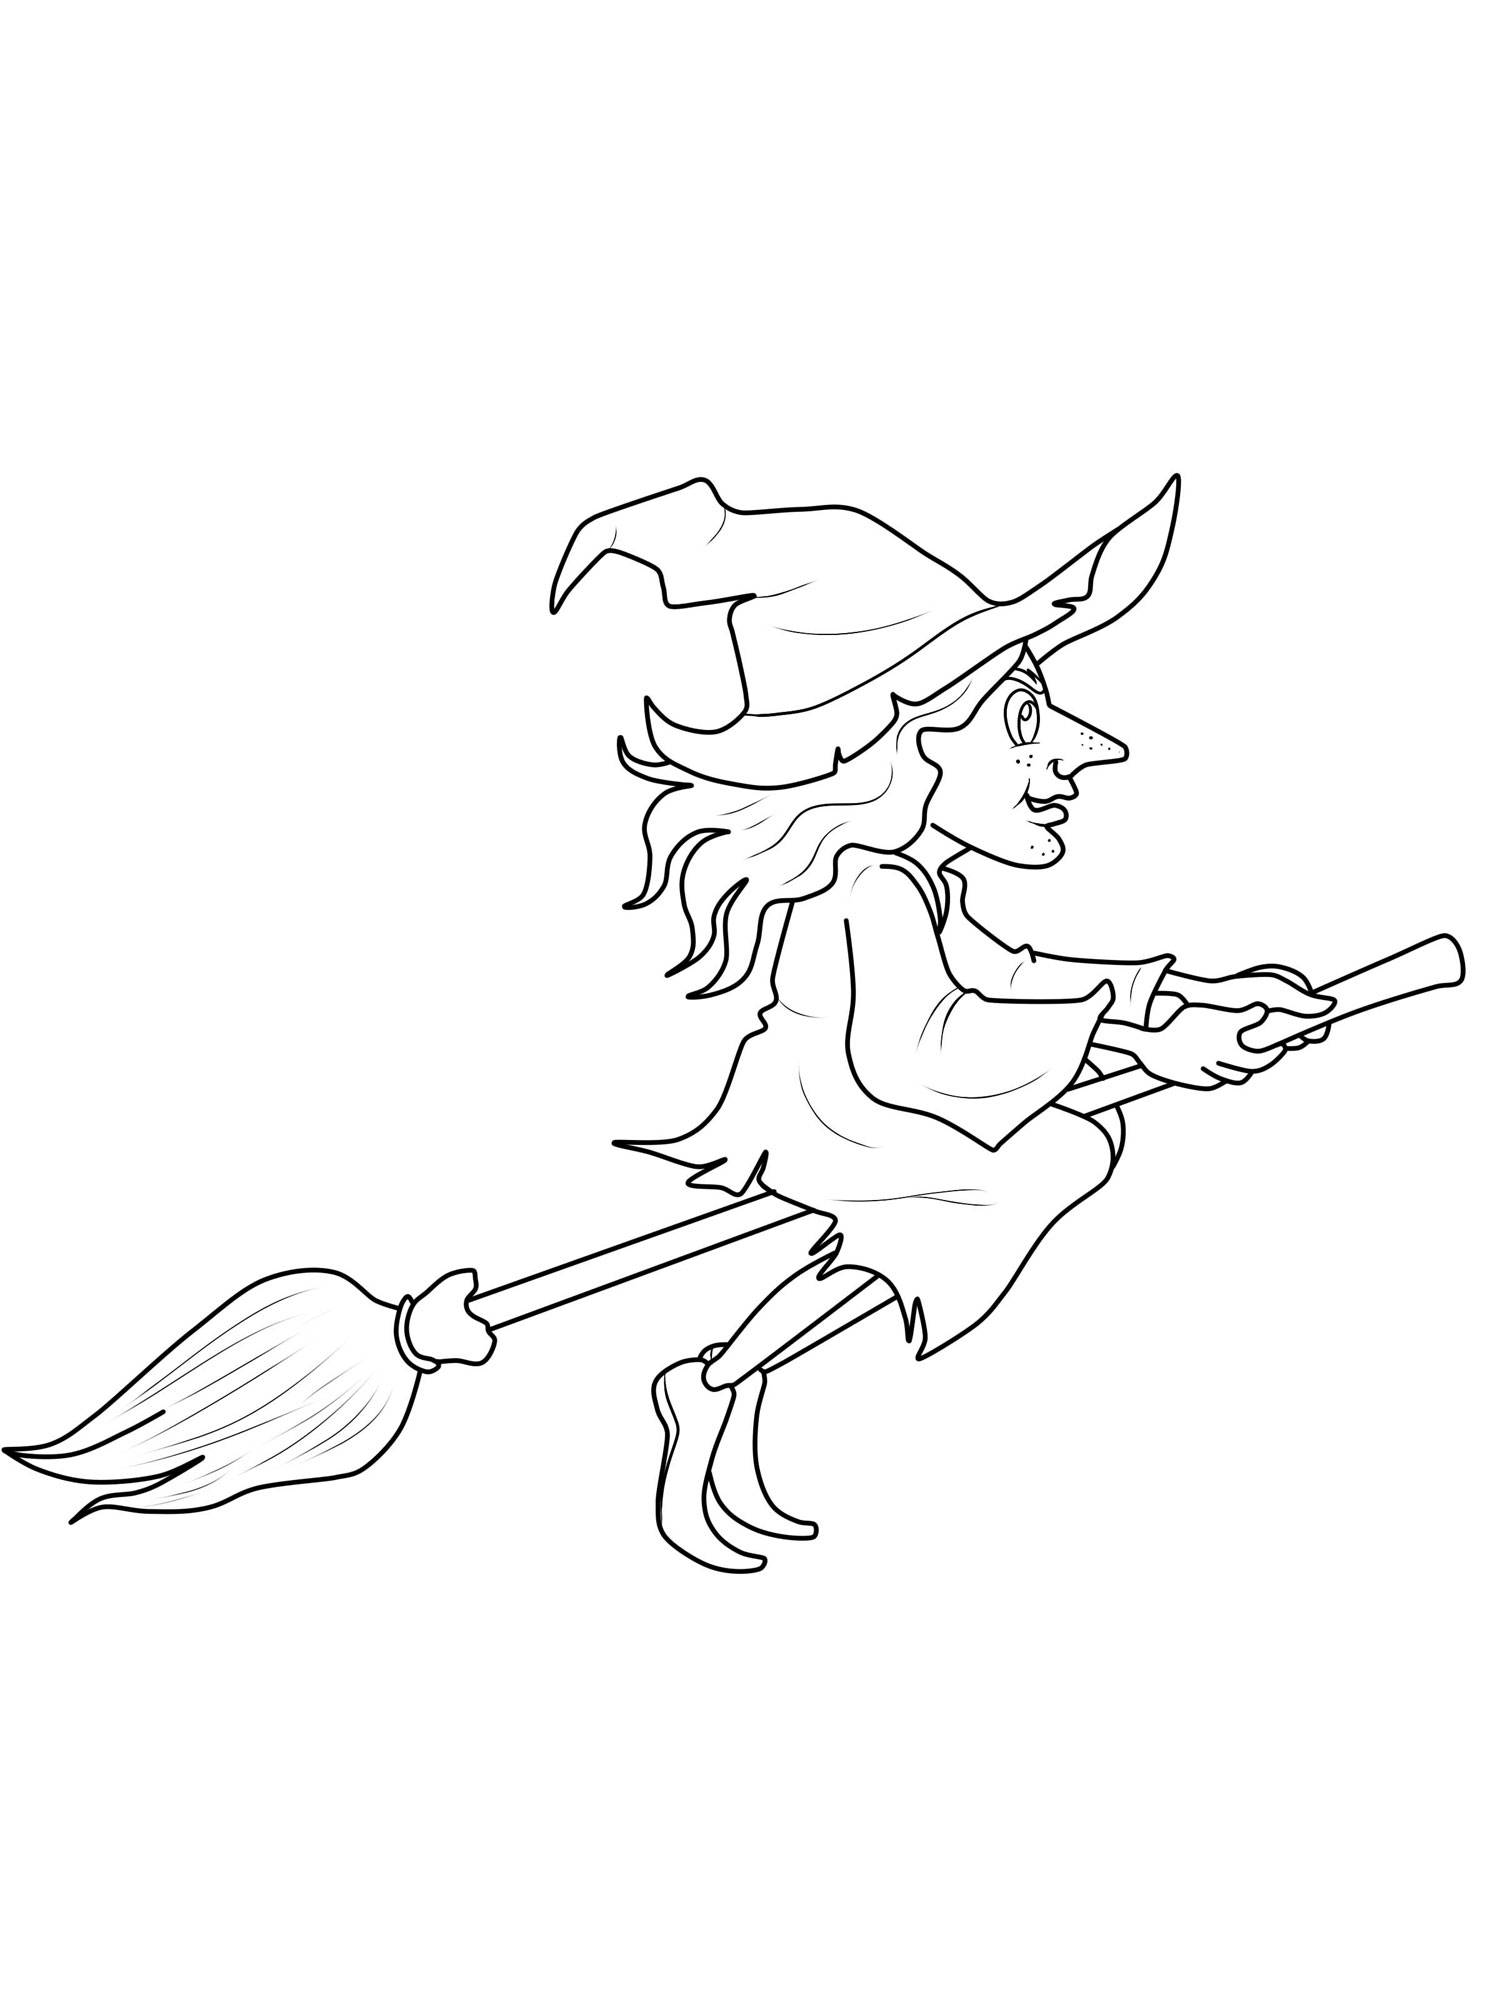 Kostenlose Malvorlage Halloween: Hexe auf dem Hexenbesen zum Ausmalen